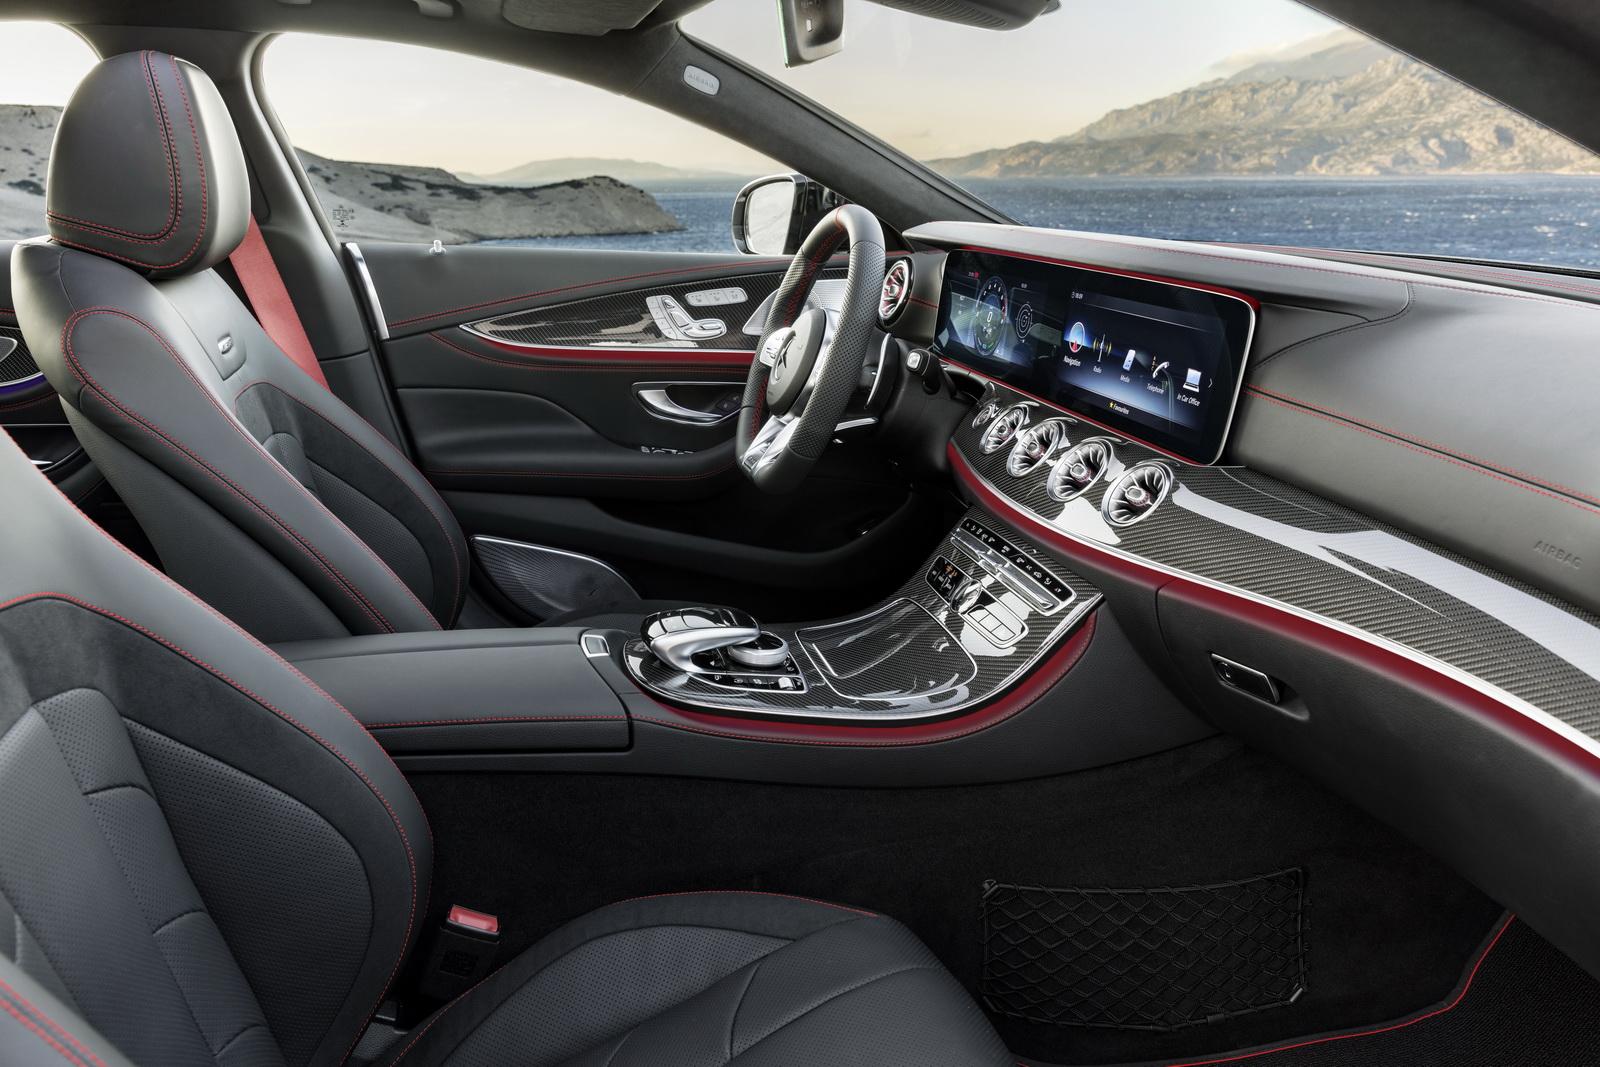 Mercedes-AMG CLS 53 4MATIC+Interieur: Leder Nappa schwarz mit roten ZiernähtenExterieur: Graphitgrau // Interior: Nappa leather black with red stichingExterior: Graphite Grey(Kraftstoffverbrauch kombiniert: 8,4 l/100 km; CO2-Emissionen kombiniert: 200 g/km)(fuel consumption combined: 8.4 l/100 km; CO2 emissions combined: 200 g/km)